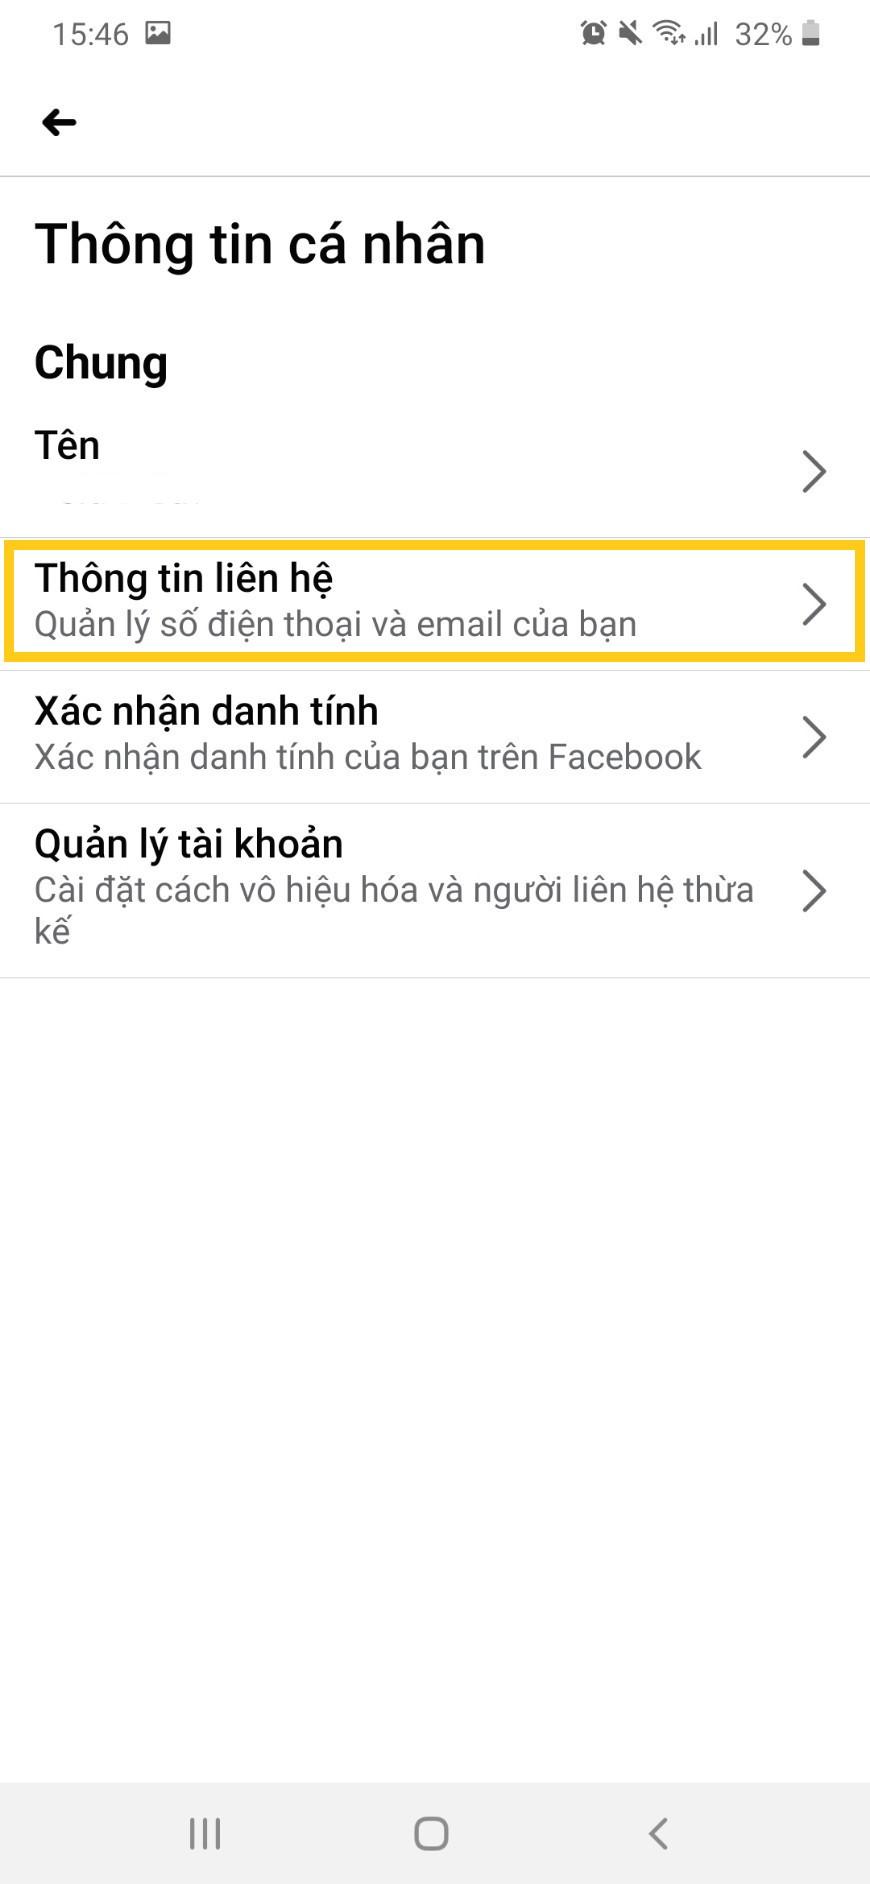 Hướng dẫn cách ẩn số điện thoại của bạn trên Facebook, càng tìm càng ẩn 6